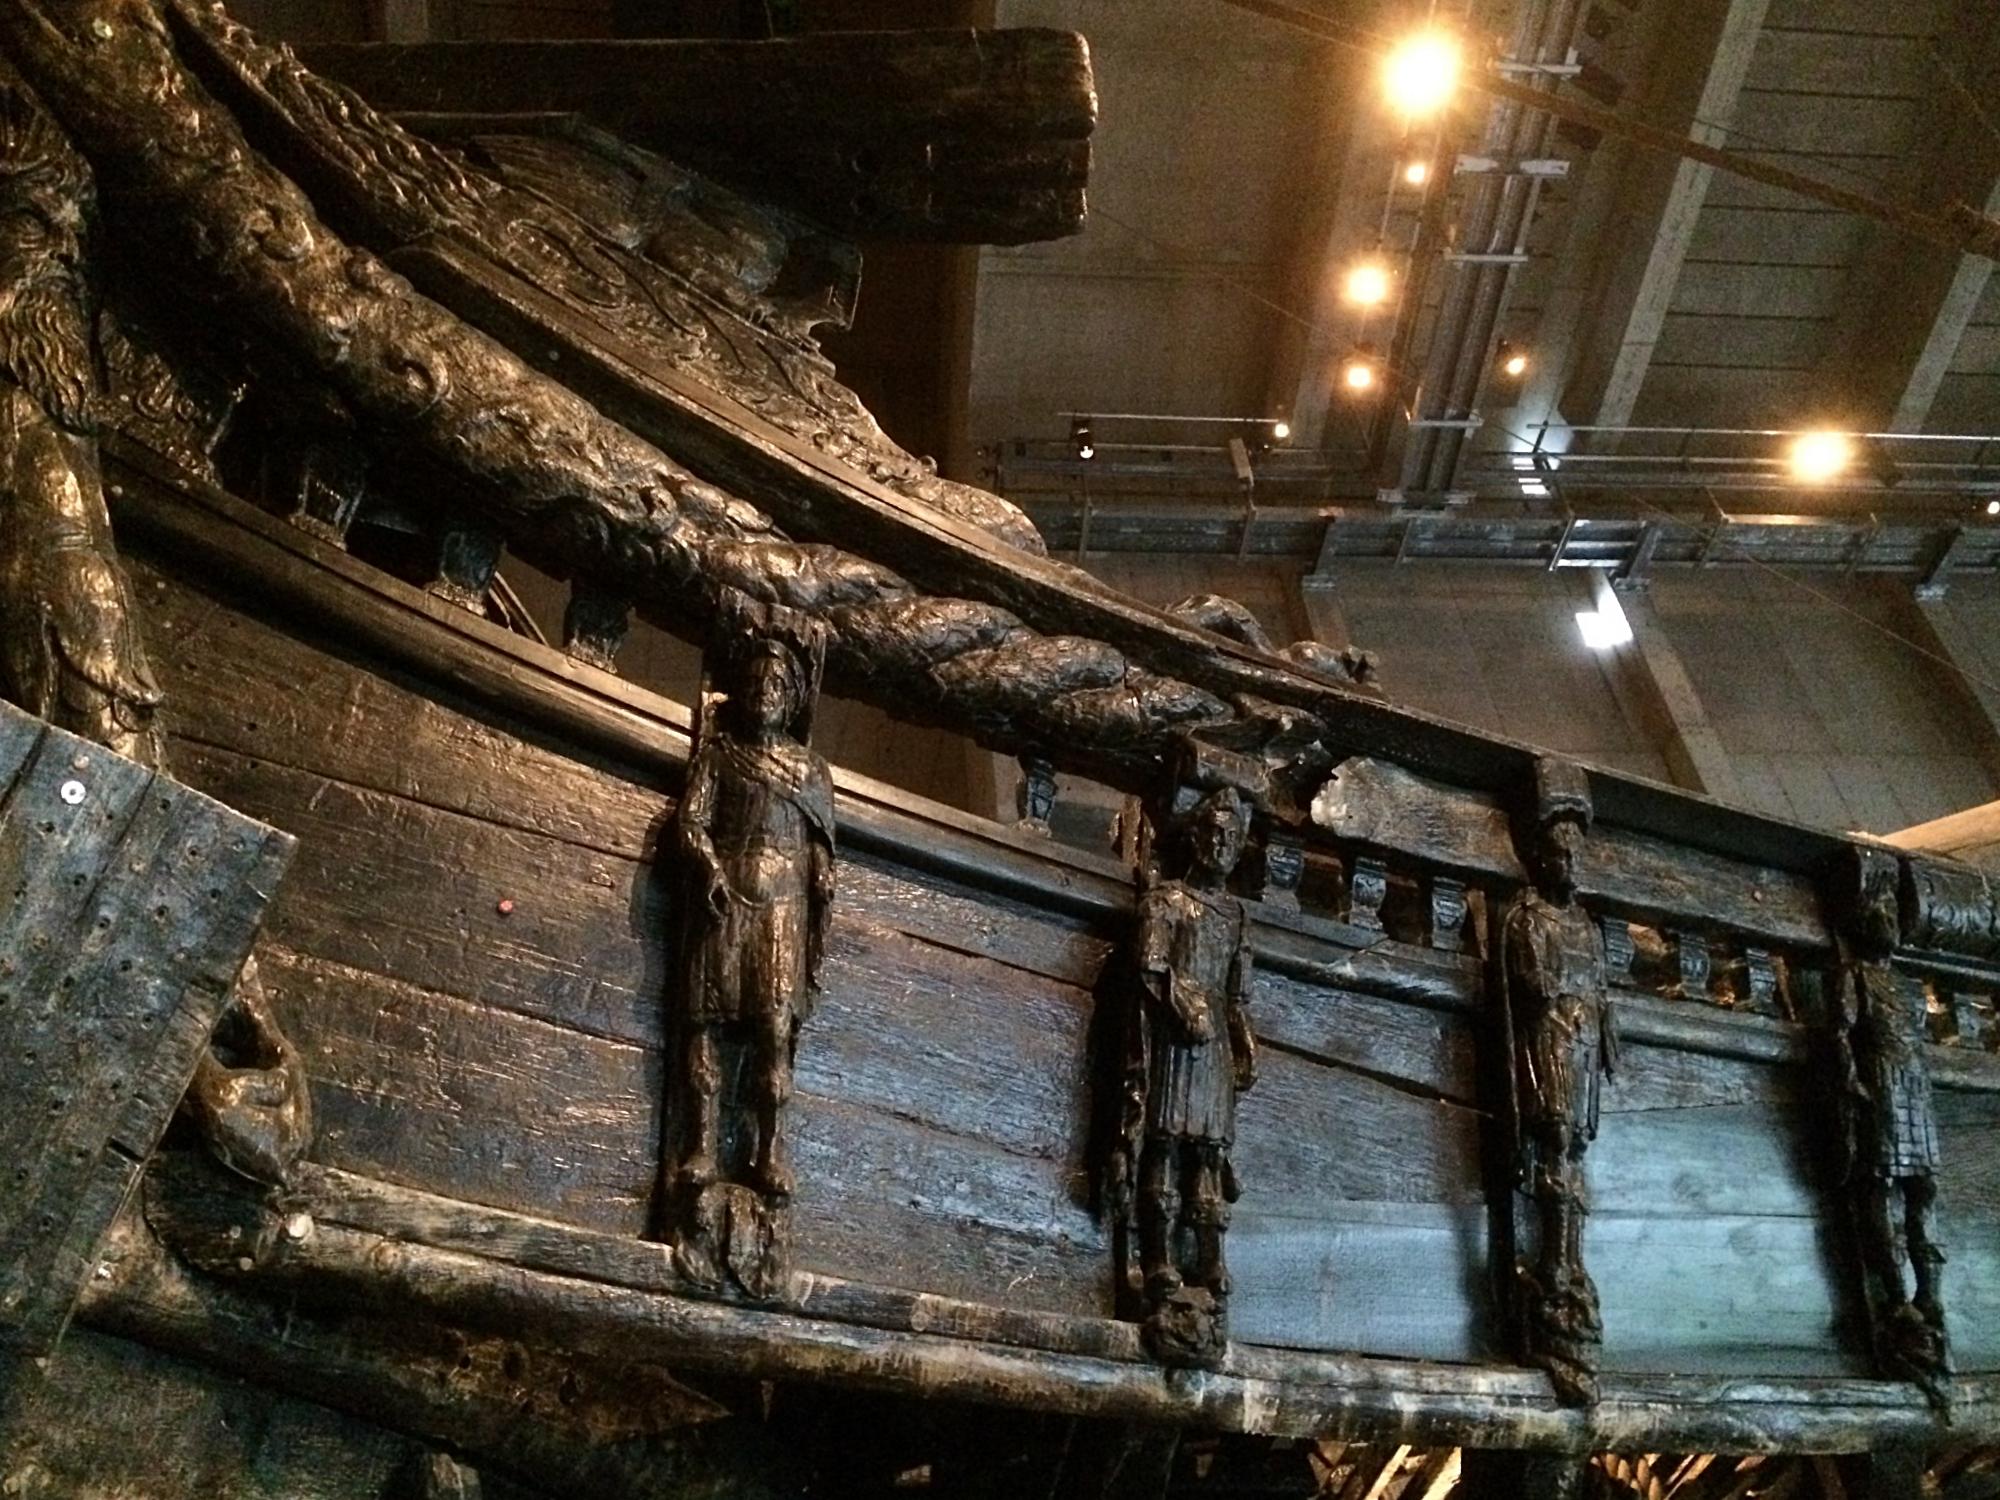 Vasa Ship Ornamentation